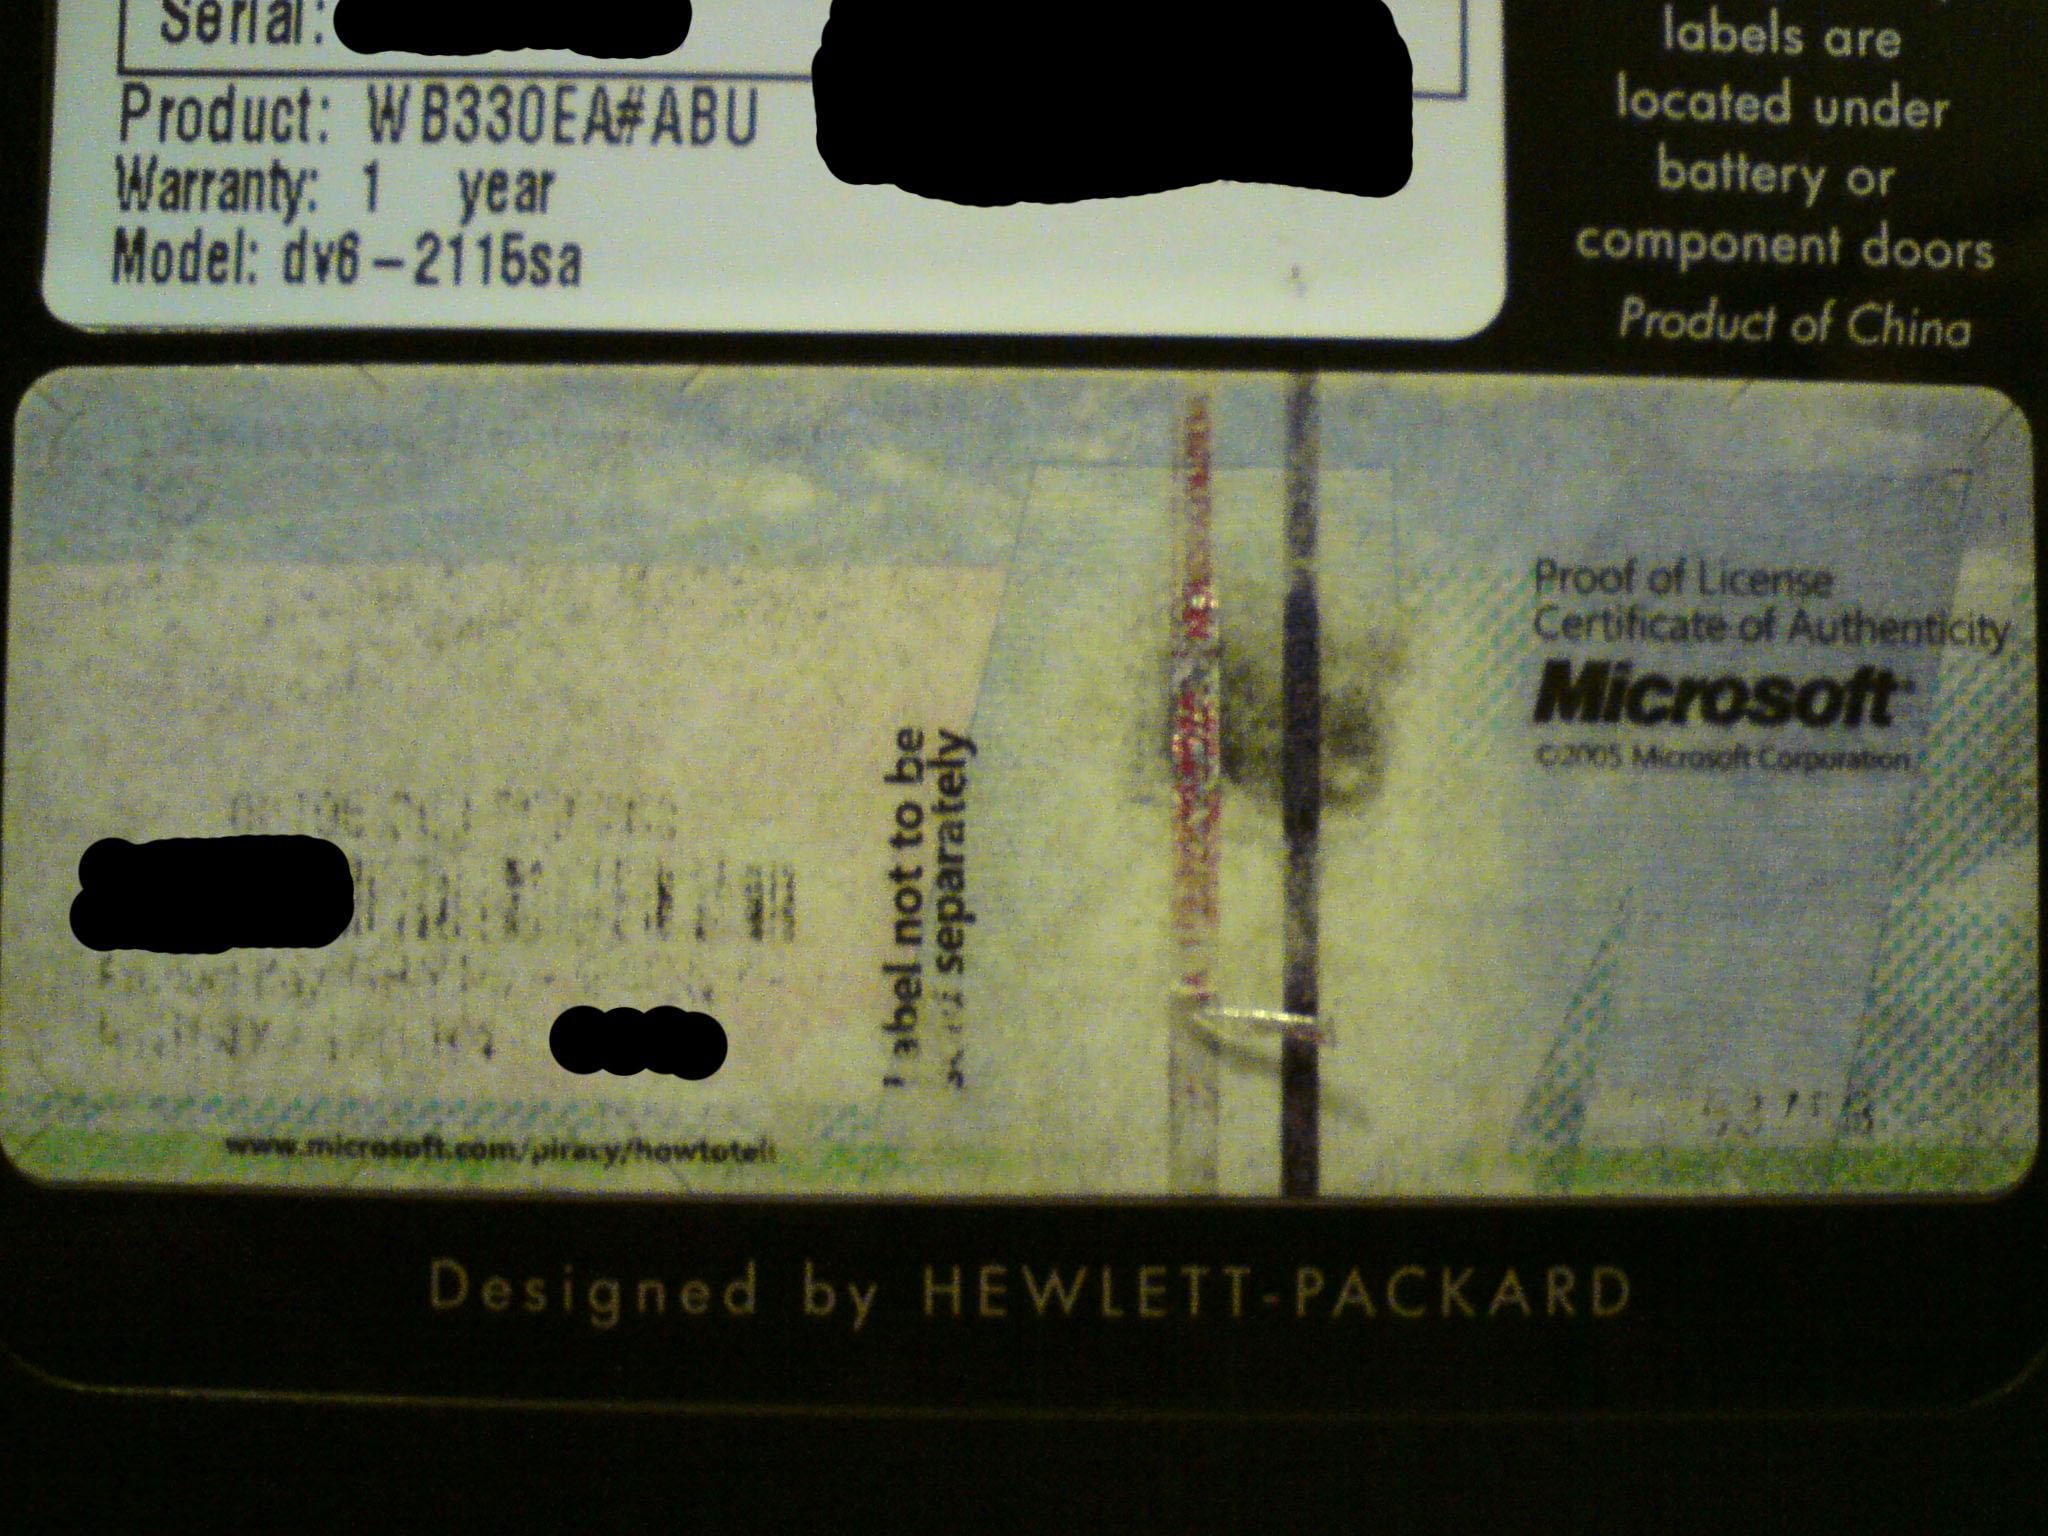 My laptops licence sticker.